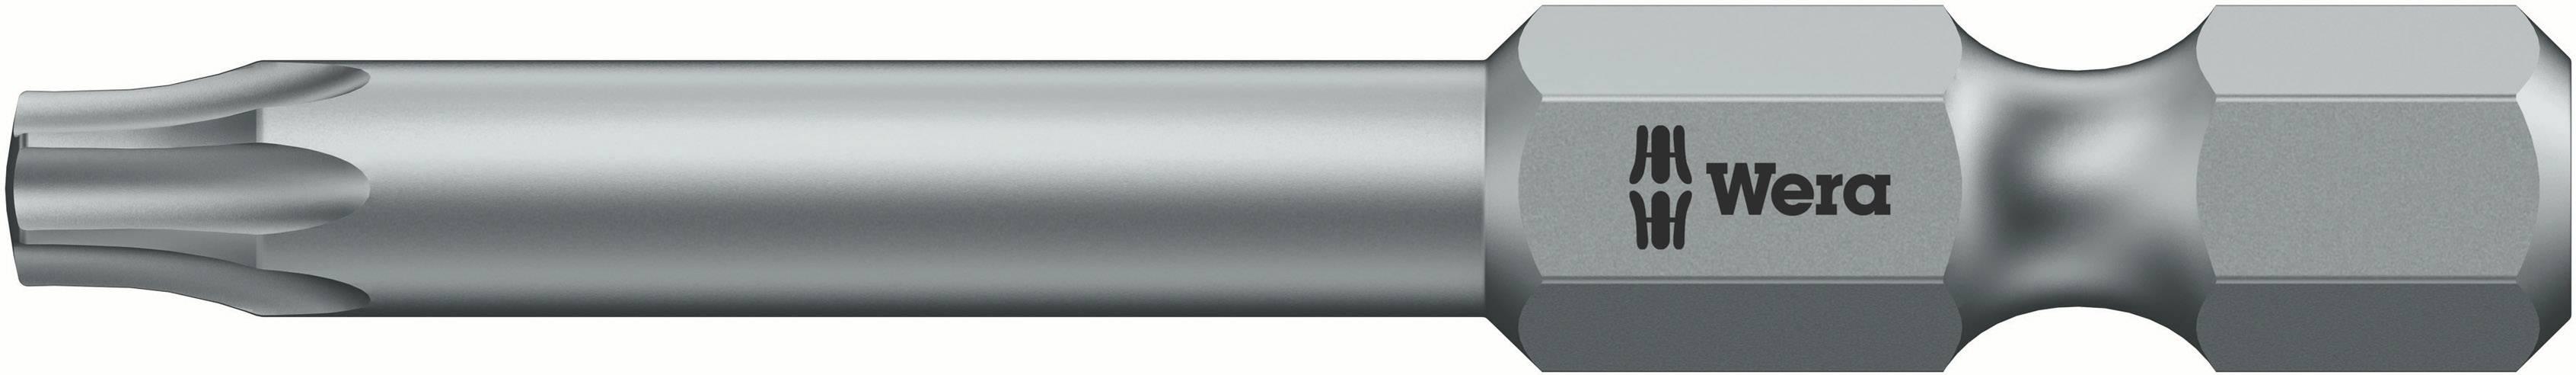 Bit Torx Wera 867/4 Z TORX® BO 10 X 89 MM 05060050001, 89 mm, nástrojová oceľ, legované, 1 ks